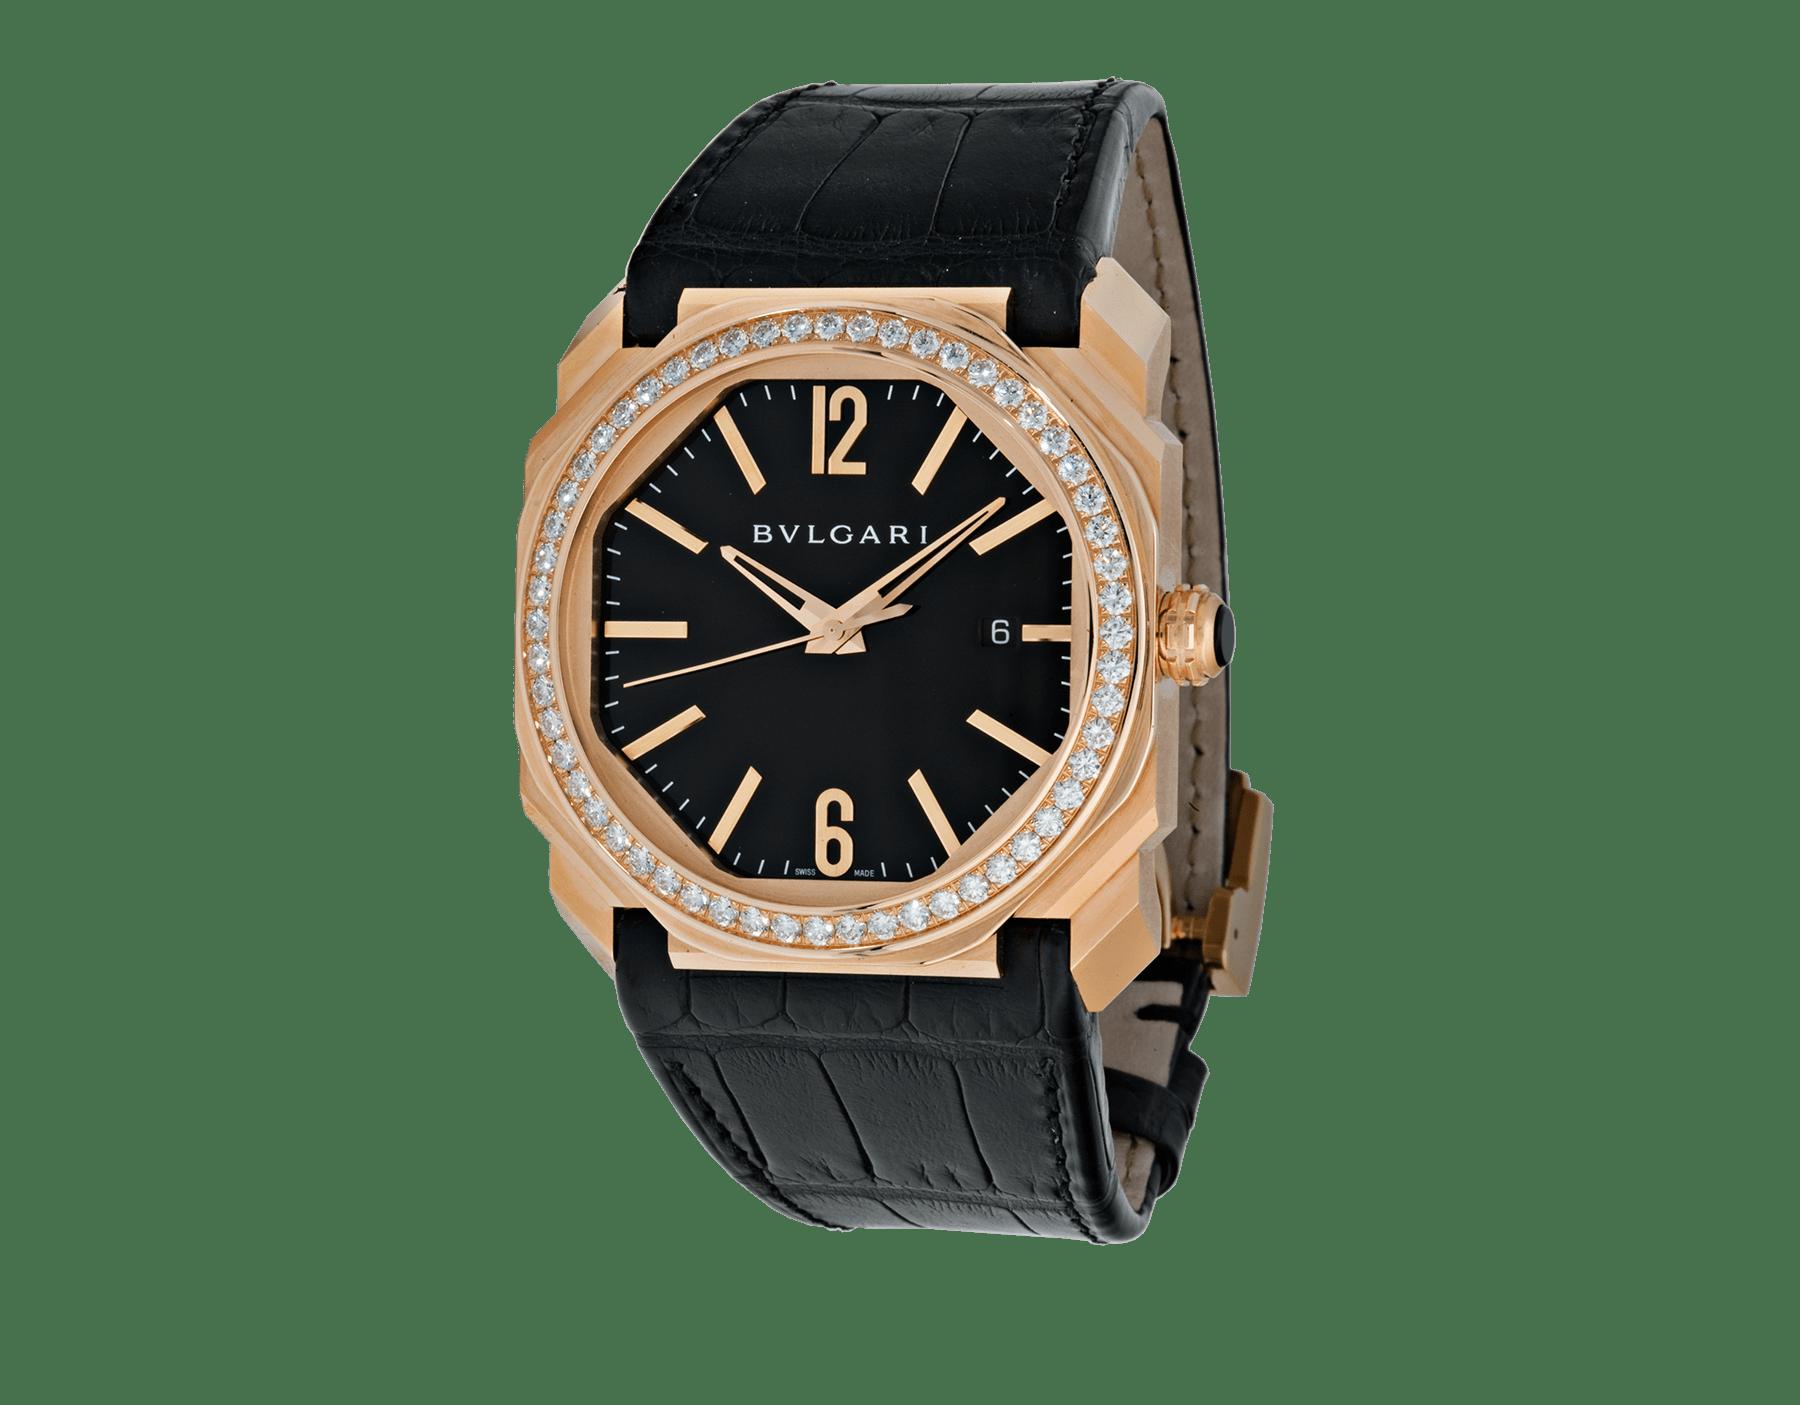 Relógio Octo com movimento de manufatura mecânico, corda automática e data, caixa em ouro rosa 18K, bezel cravejado com diamantes lapidação brilhante, mostrador preto laqueado e pulseira em couro de jacaré preto. 102039 image 1